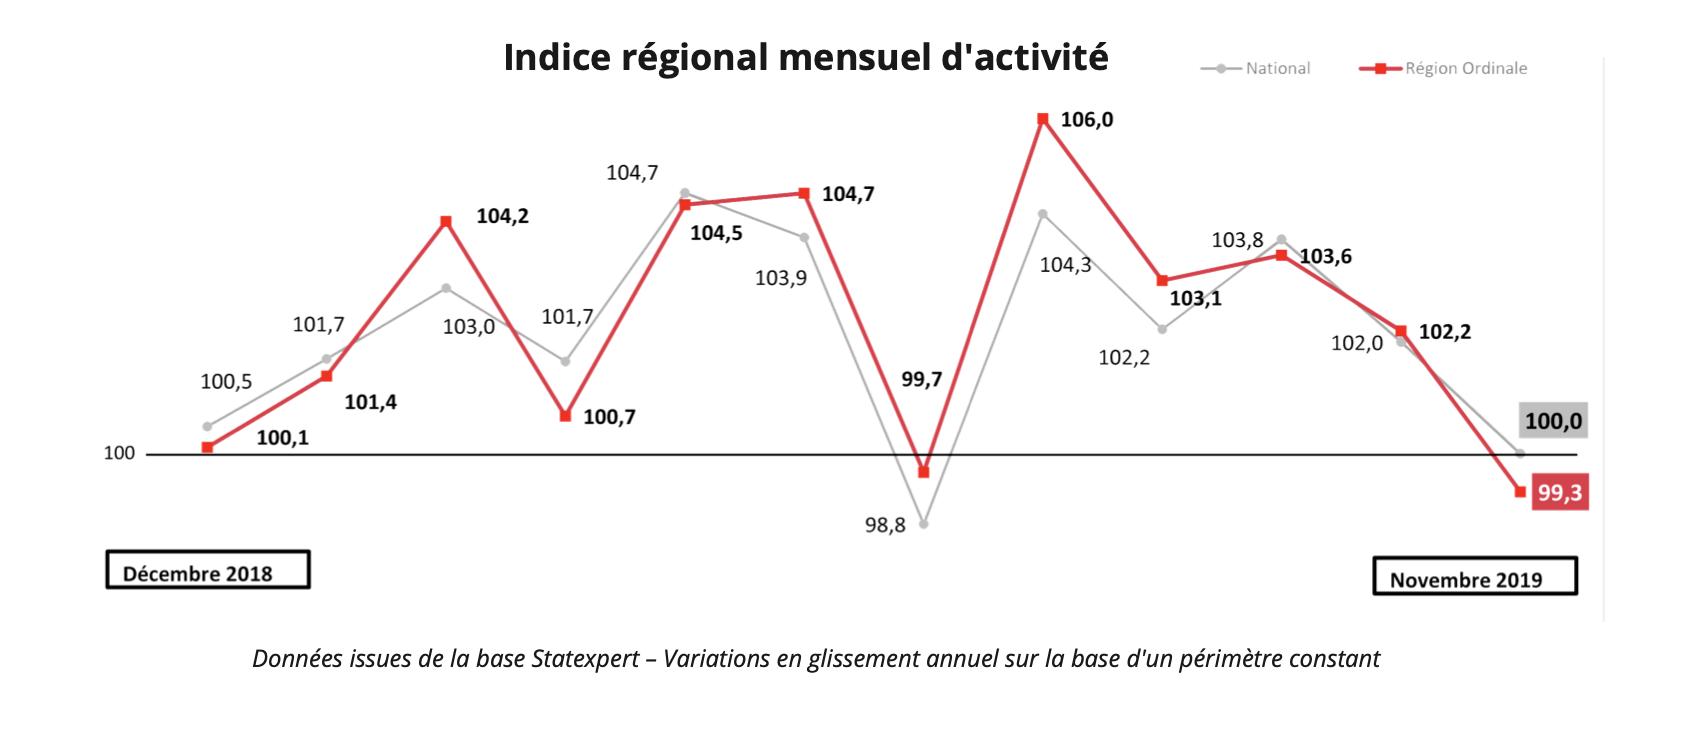 Baromètre économique novembre 2019 - indice régional mensuel d'activité